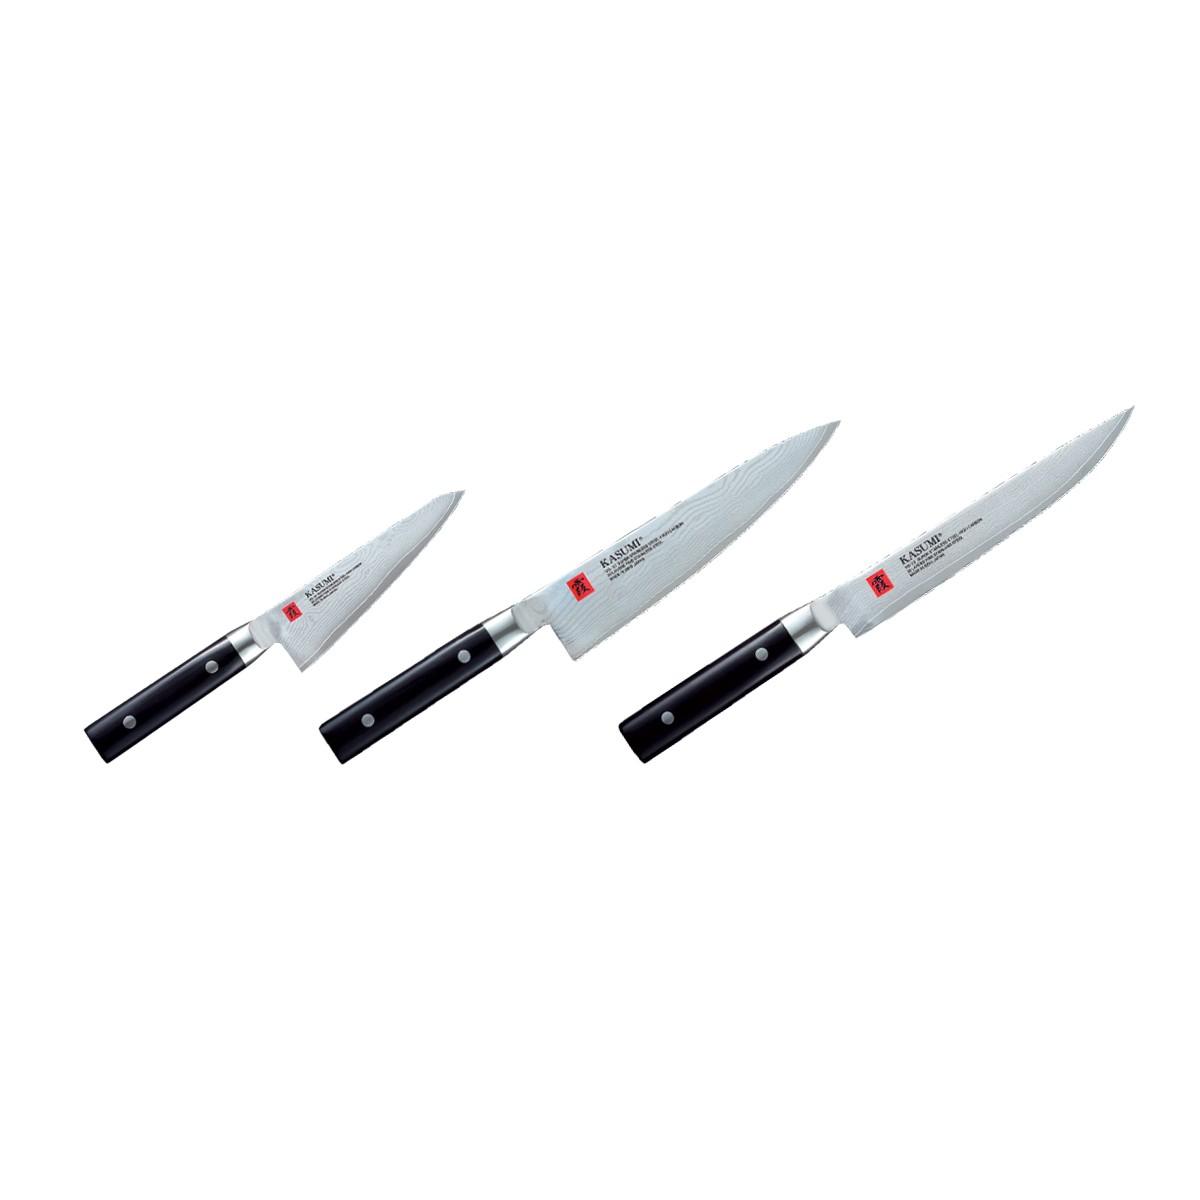 Kasumi Damas Set De 3 Couteaux Japonais De Cuisine Couteau Japonais